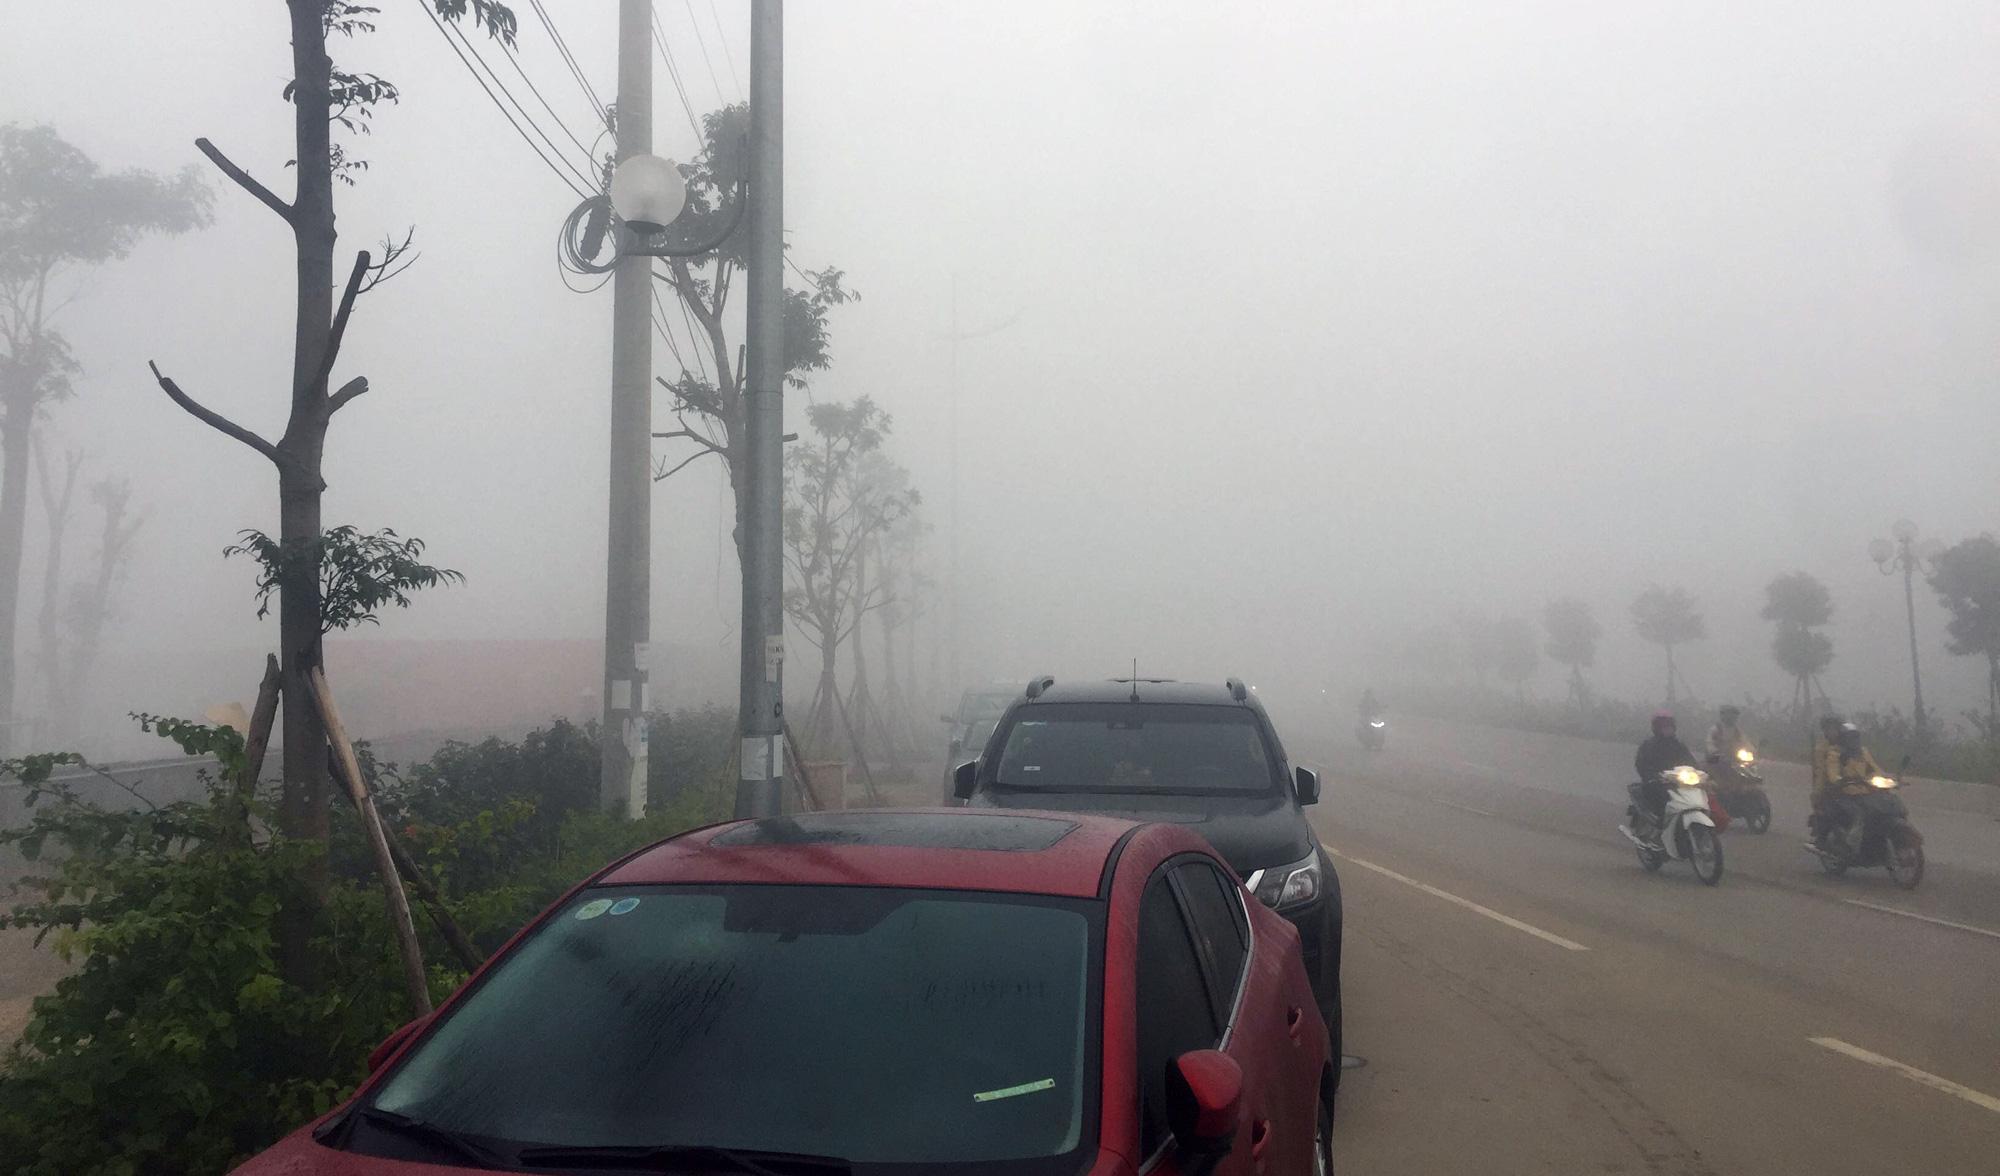 Hà Nội chìm trong sương mù giữa dịch virus corona - Ảnh 4.